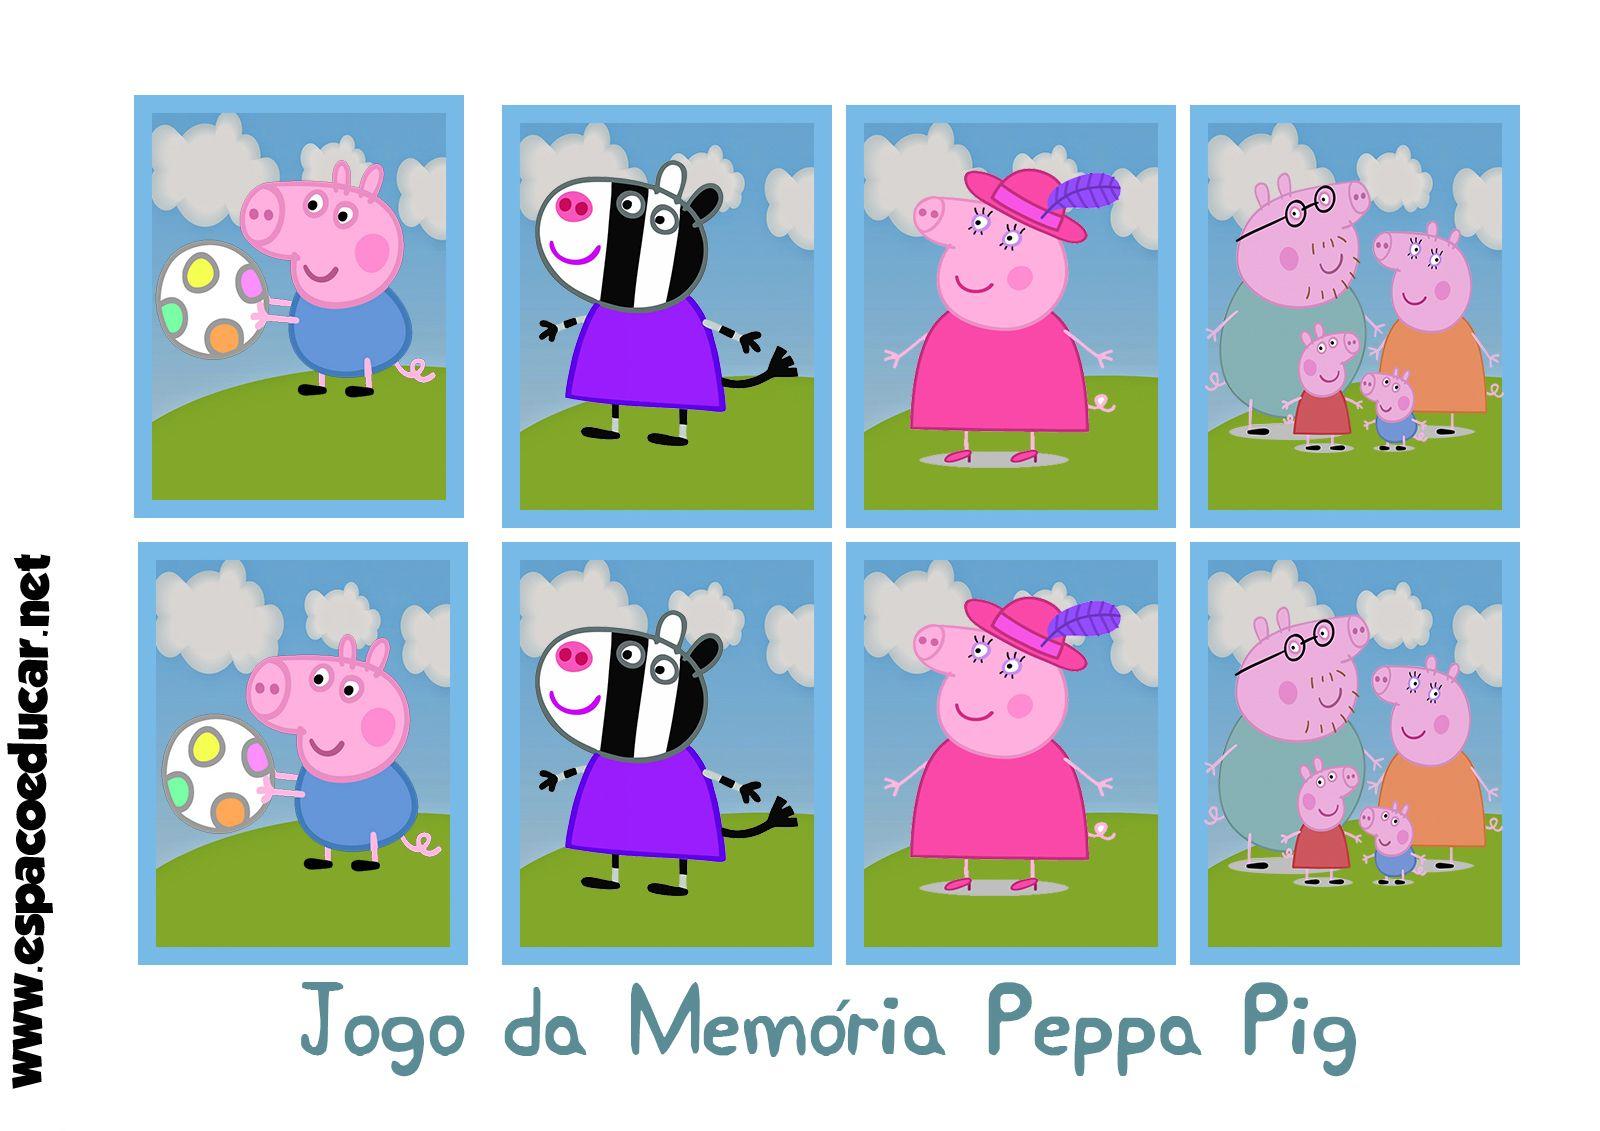 Peppa Pig Festa Peppa Pig Porquinha Peppa